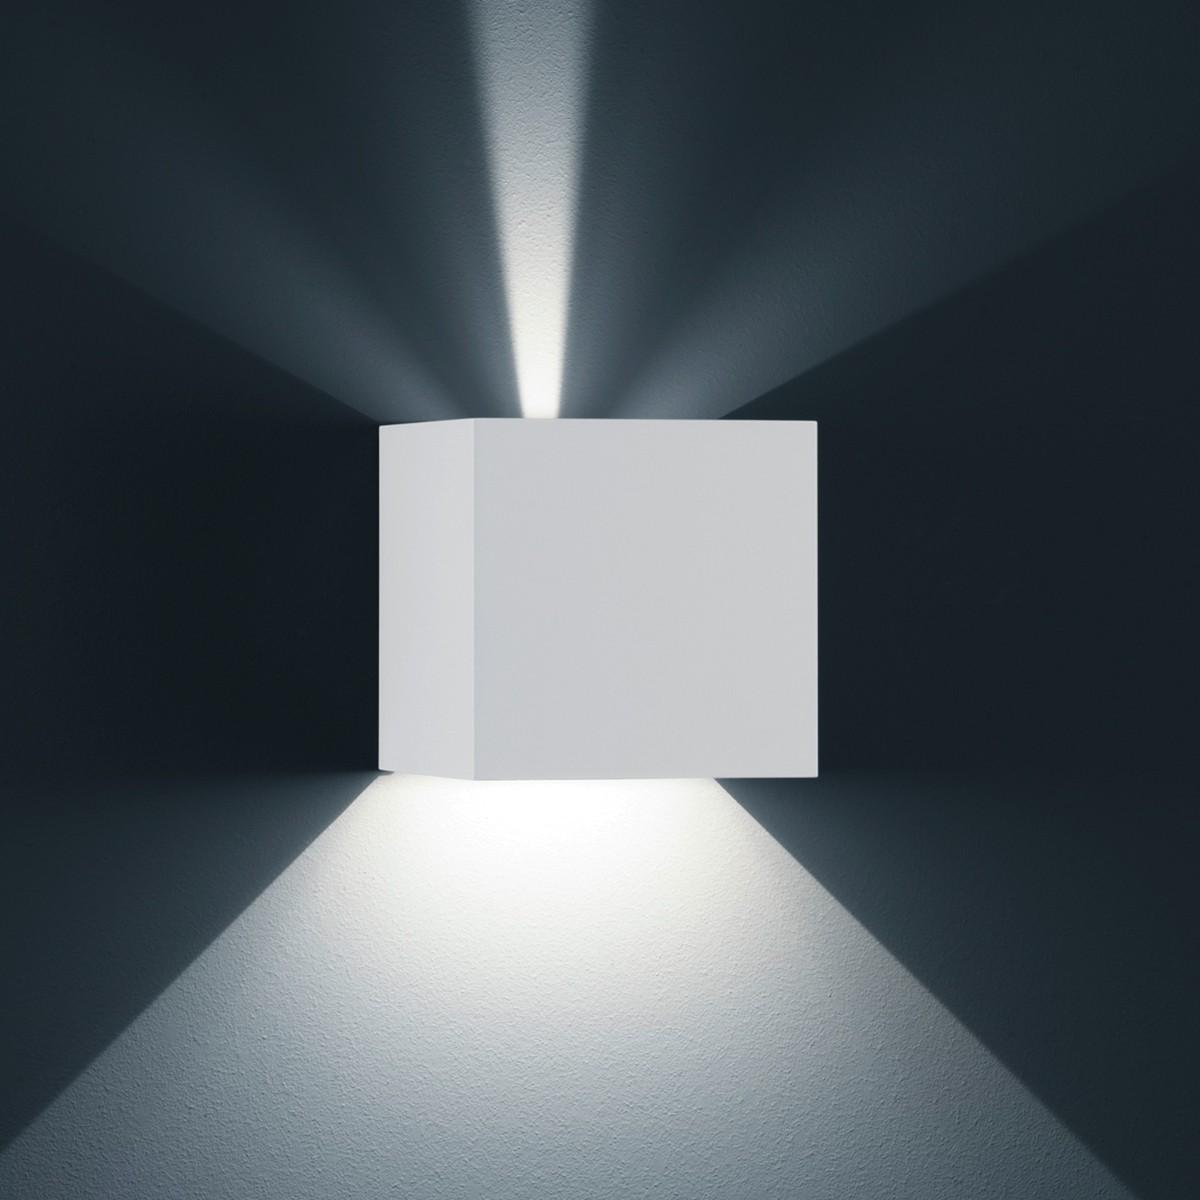 Helestra Siri 44 - L LED Außenwandleuchte, weiß matt